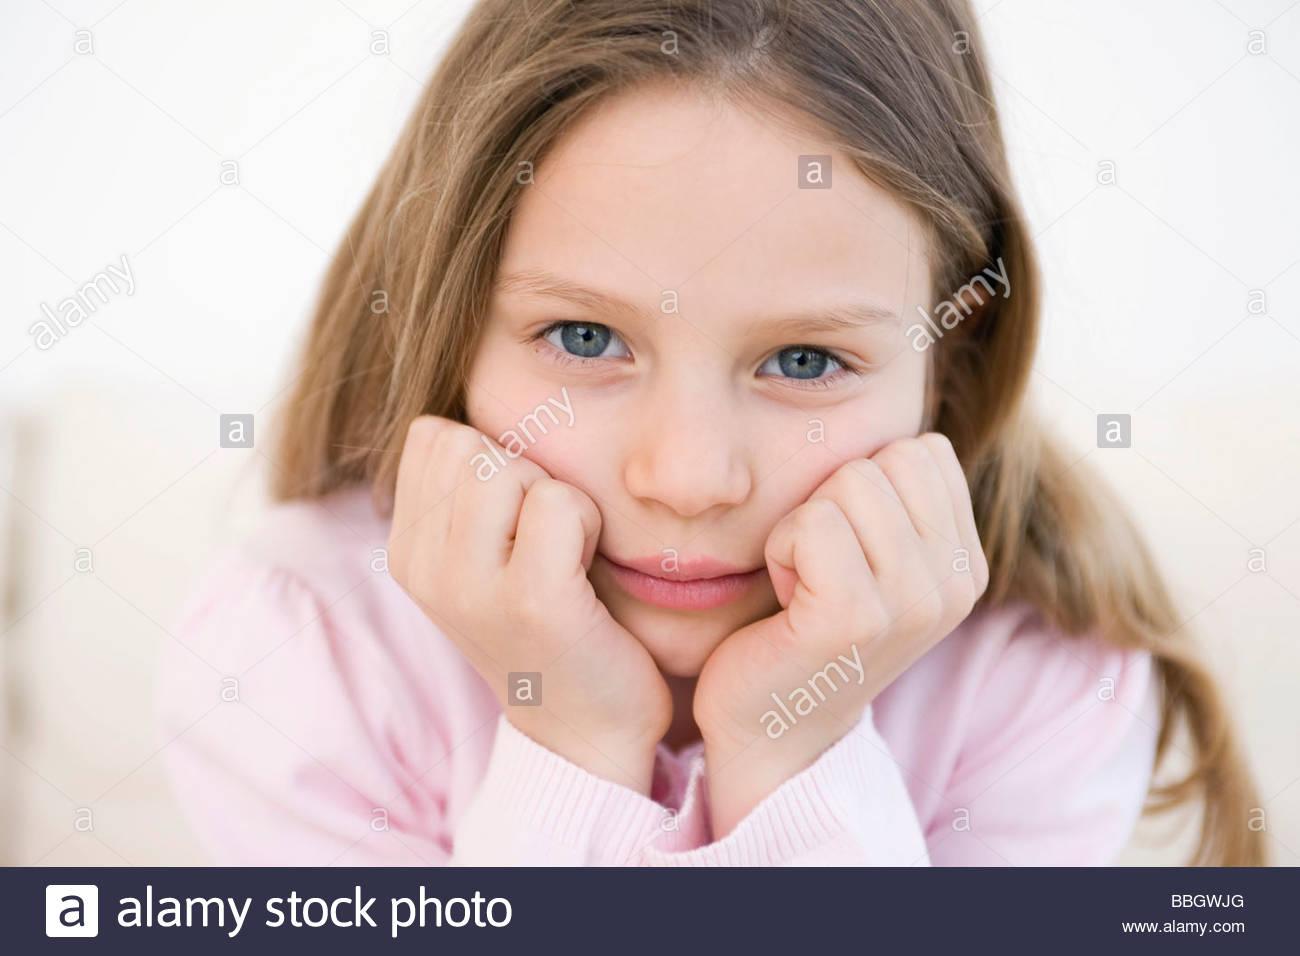 Retrato chica con cabeza sus manos, Foto de estudio Imagen De Stock